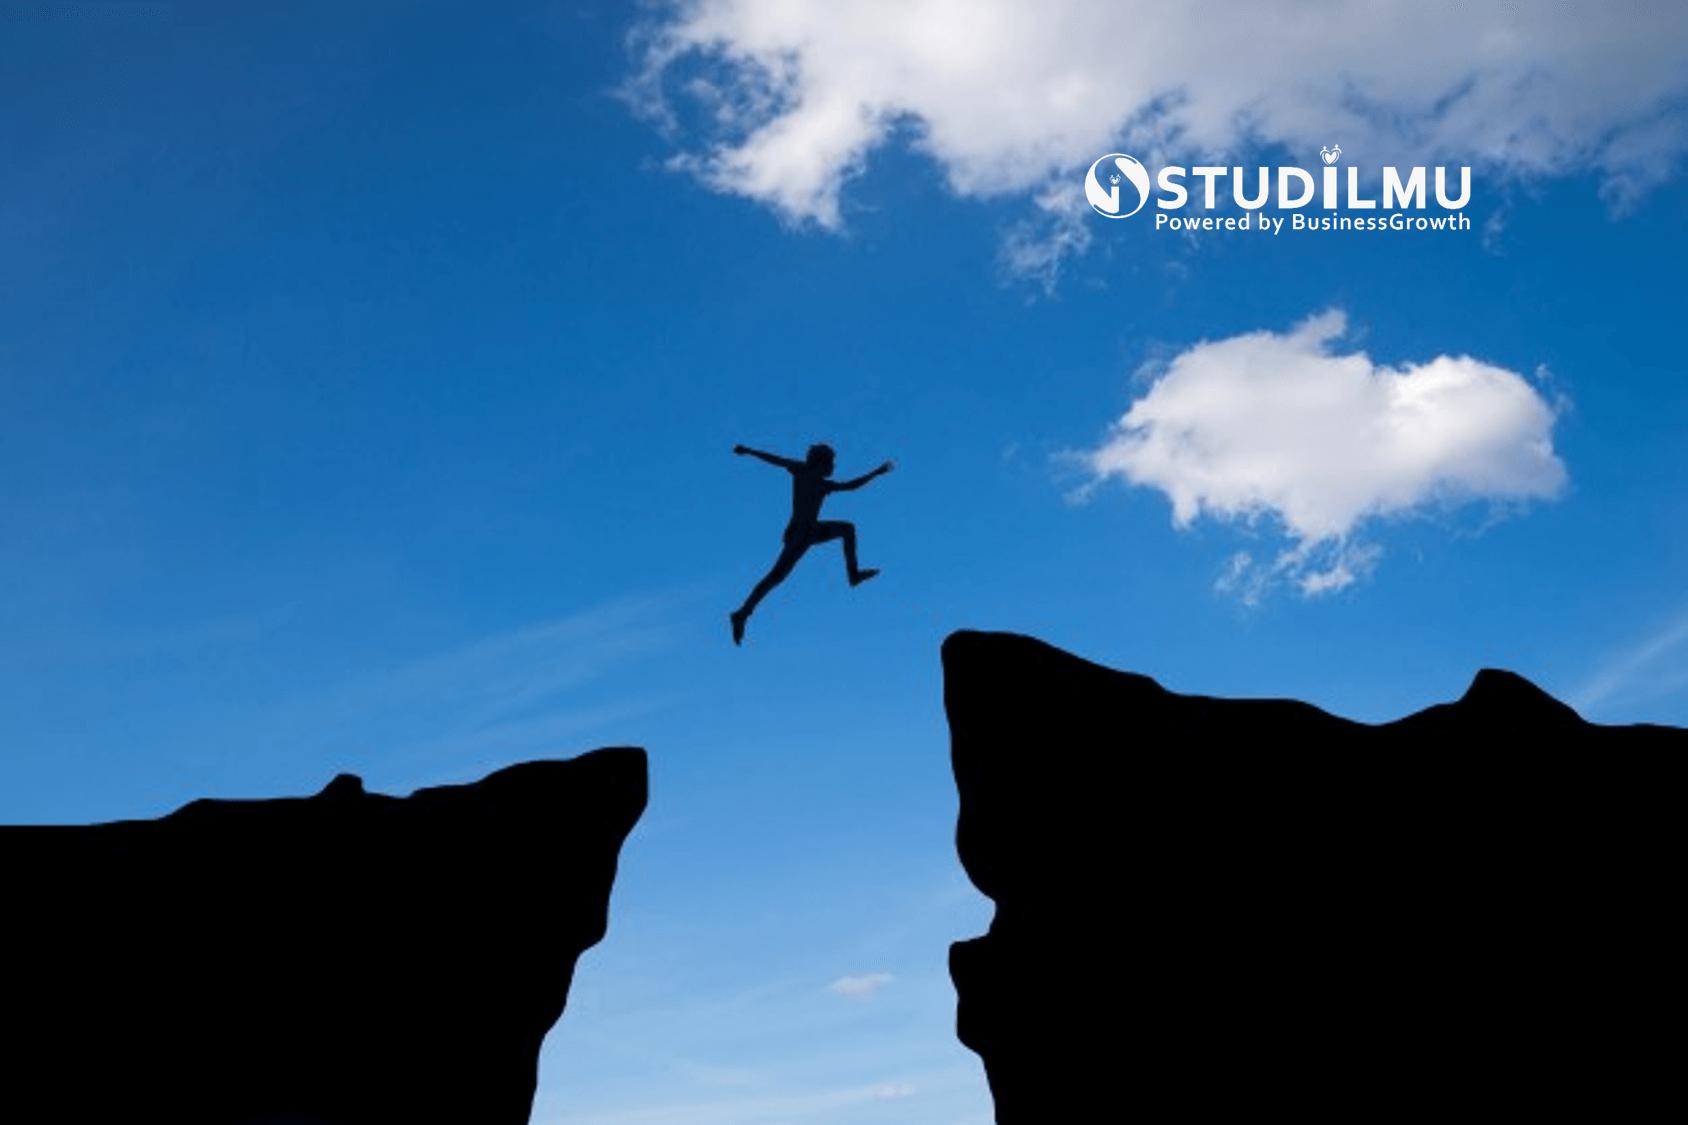 STUDILMU Career Advice - Apa Itu Tujuan Hidup dan Bagaimana Mencari Tujuan Hidup?